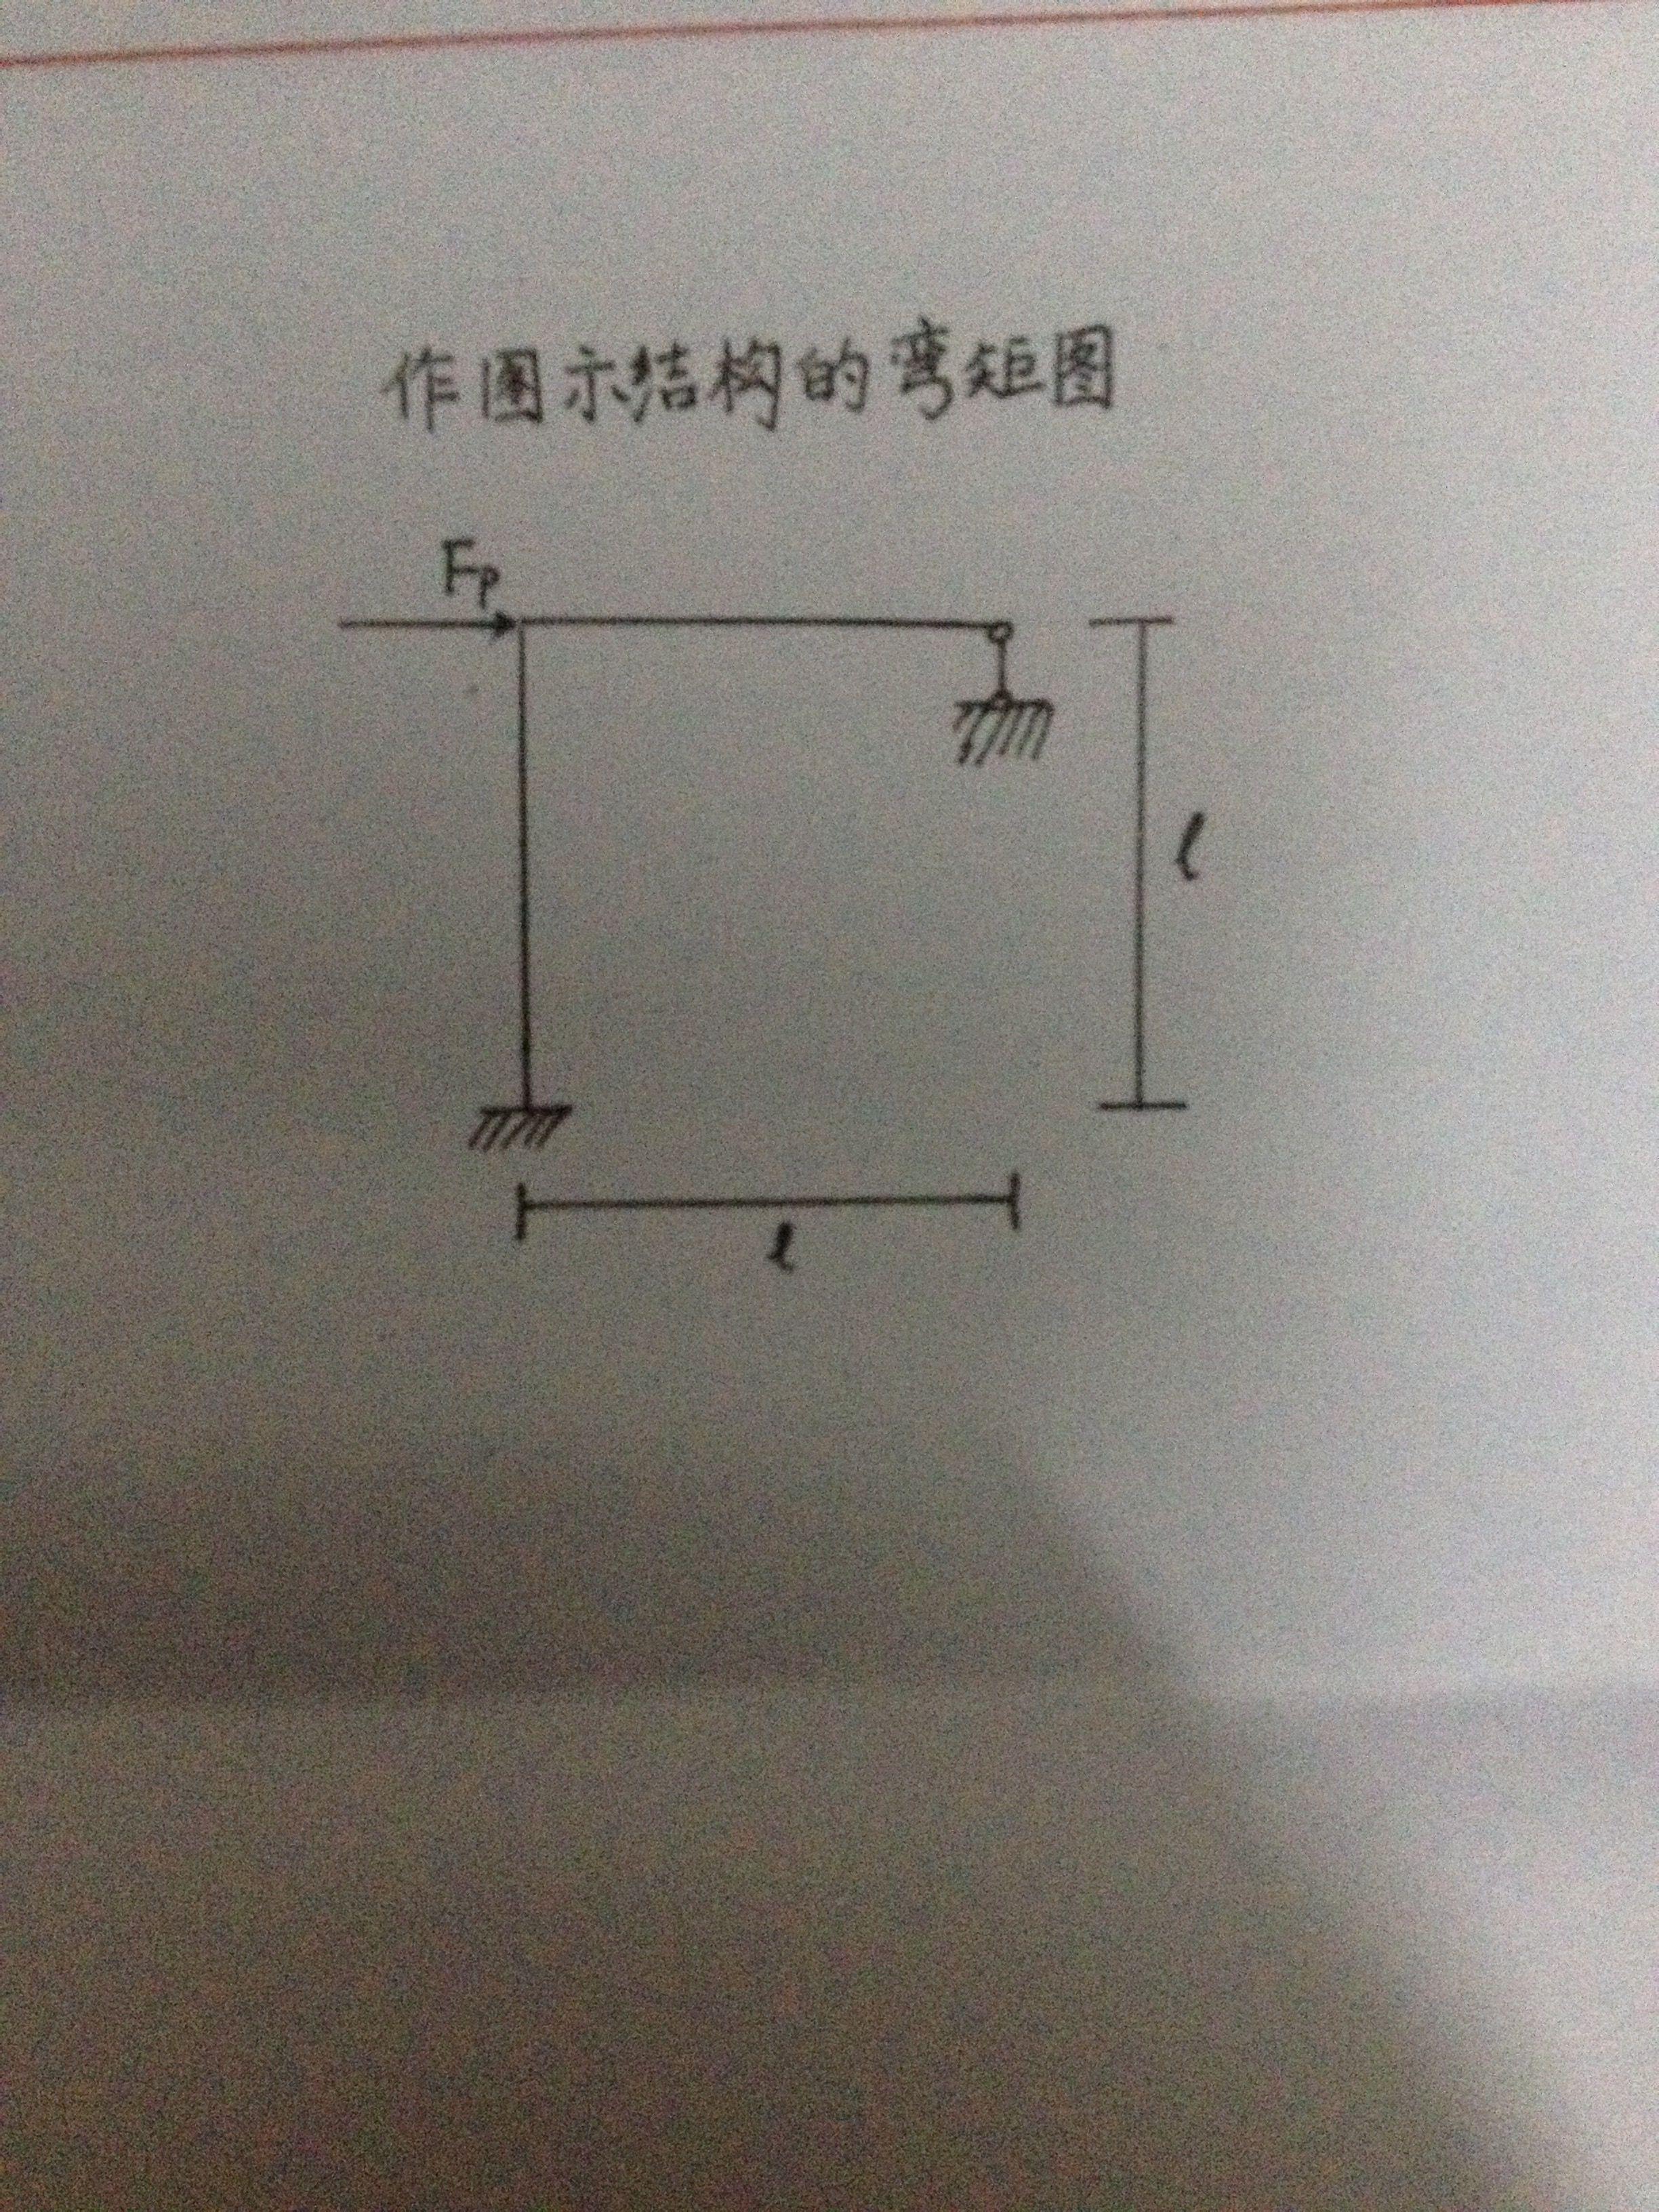 作出图示结构的弯矩图,结构力学的,尽量